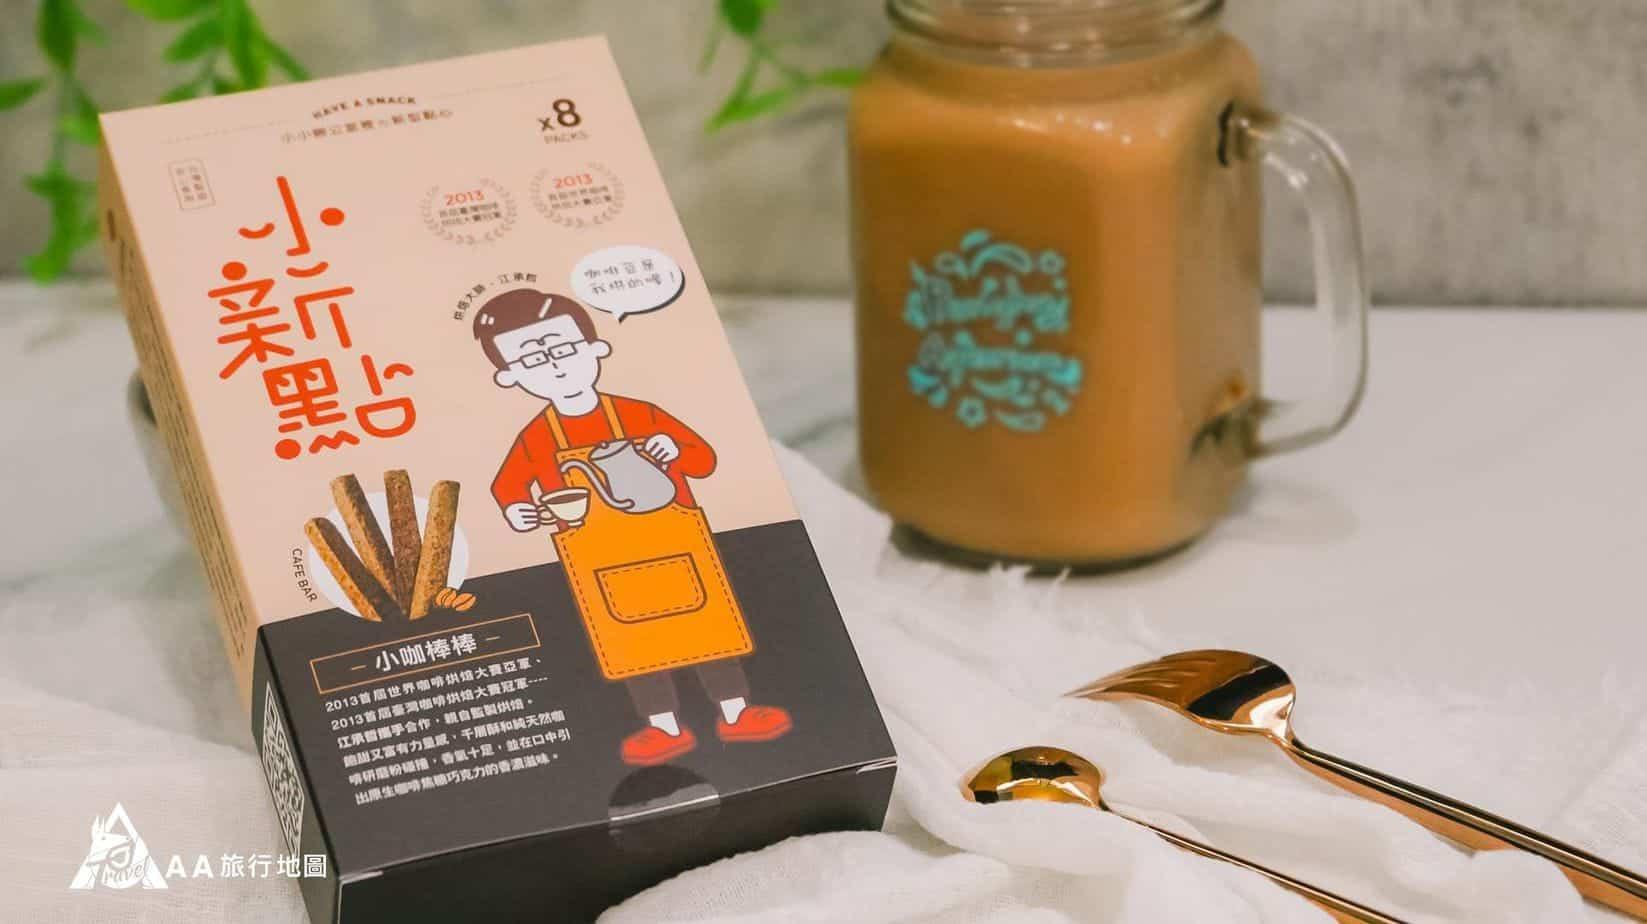 小新點 小咖棒棒,是由得獎的烘焙大師江承哲烘的咖啡豆